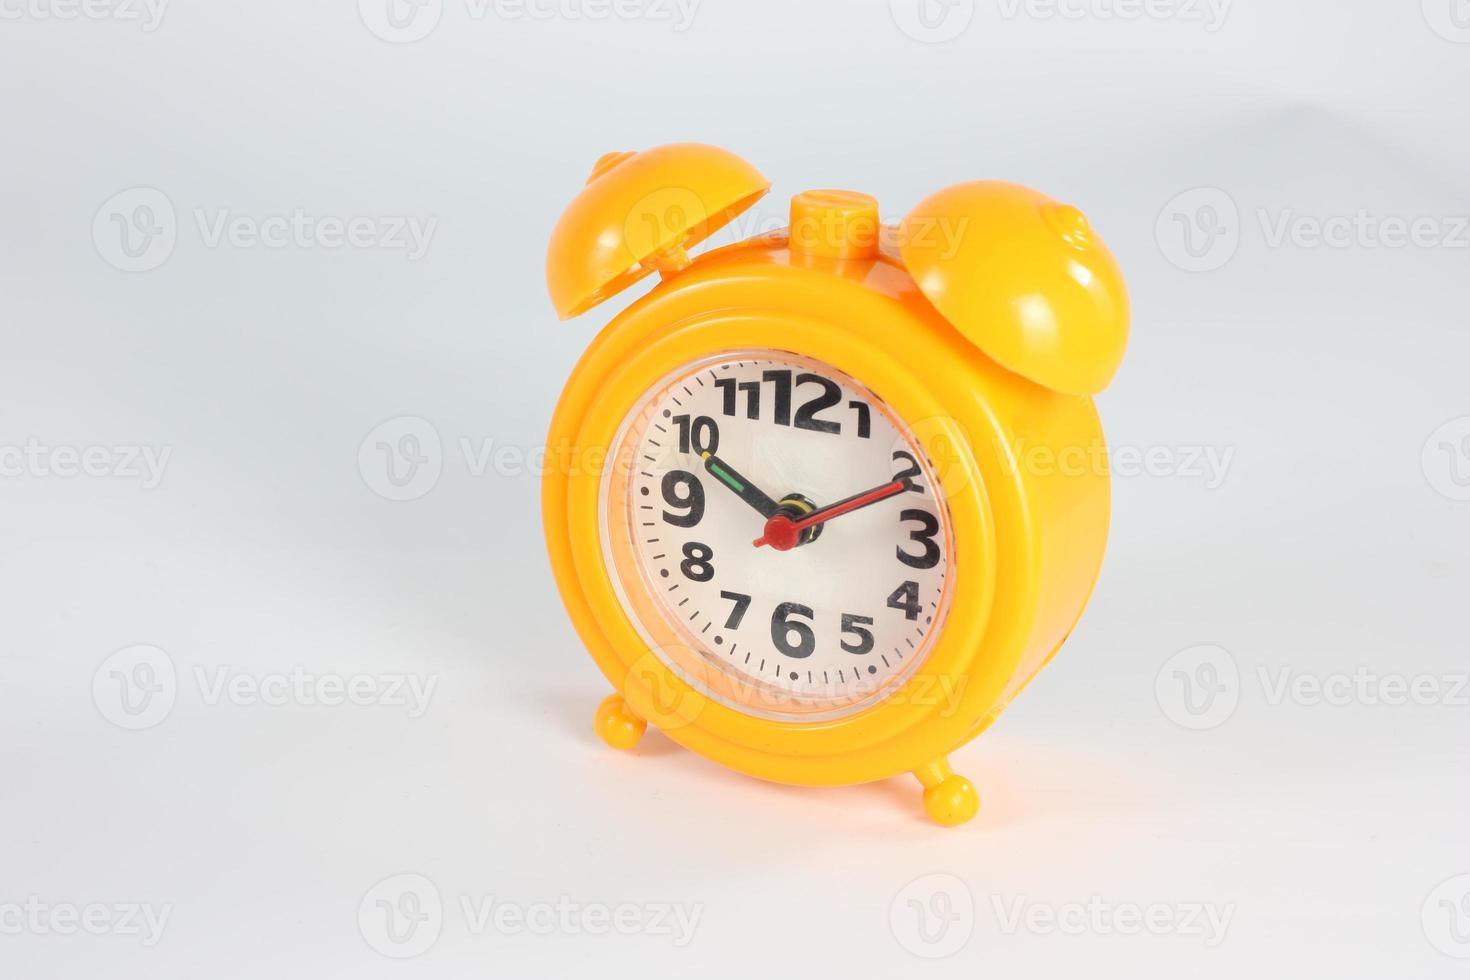 Uhr gelb auf weißem Hintergrund foto